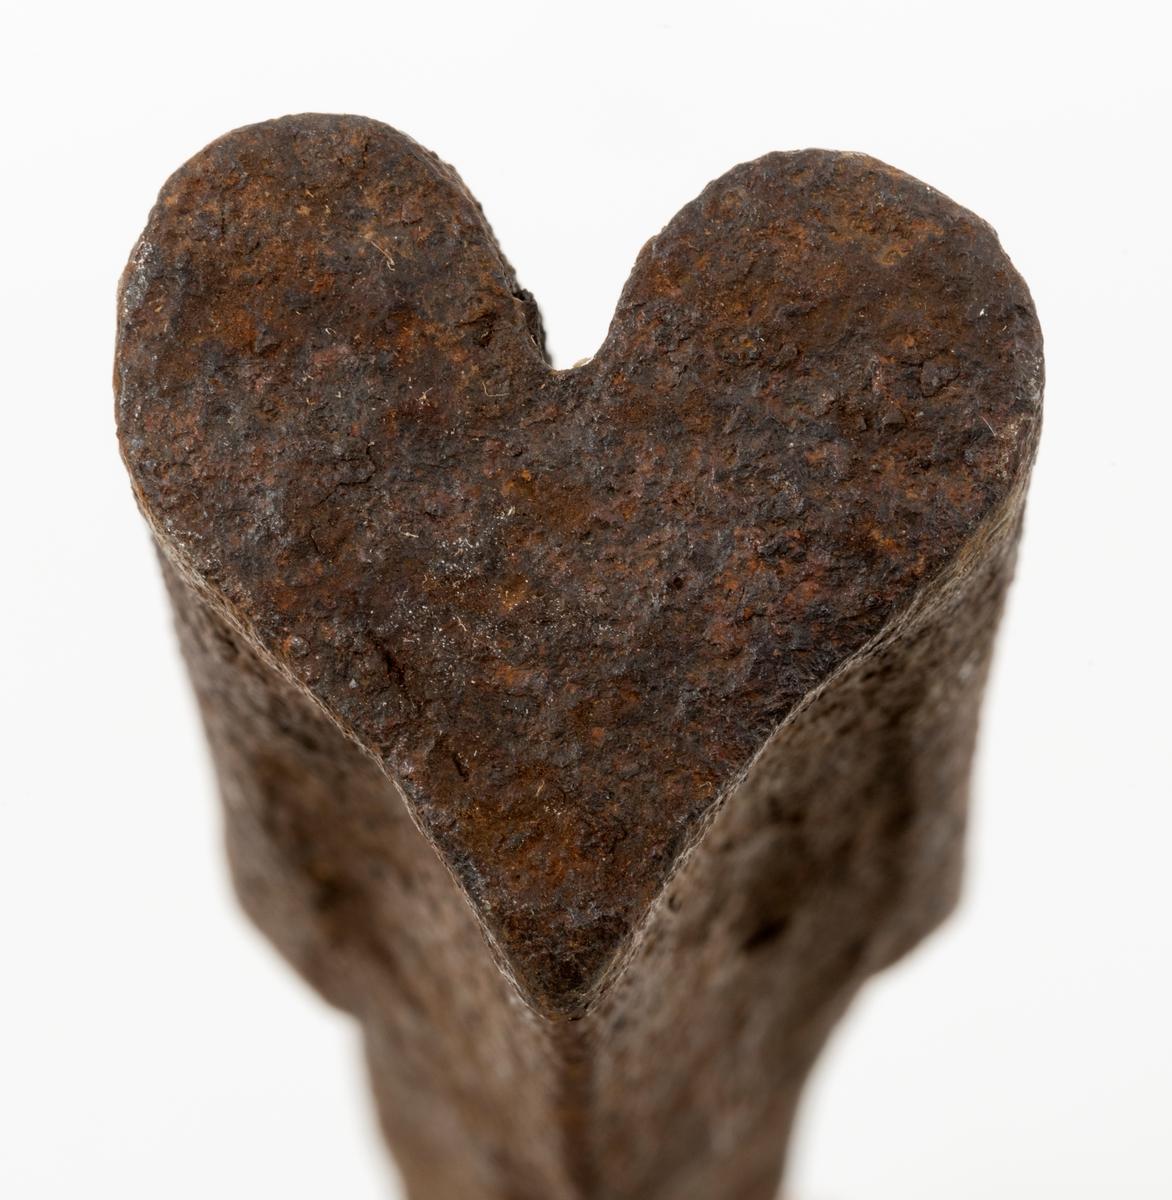 Stempelmal, brukt til å forme de profilerte eggpartiene på blinke- og merkeøkser. Redskapet er 34,5 centimeter langt hvorav den profilerte delen utgjør cirka 8 centimeter av lengdemålet. Denne delen er en aning kon – tjukkelsen tiltar noe fra ytterenden og innover. I ytterenden er tverrmålet 3,1 X 2,0 centimeter, innerst 3,7 X 2,4 centimeter. Profilen på stempelmalen er hjerteformet. Dette symbolet er verken funnet på Christiania Tømmerdirektions merkekart fra 1900 eller på Glomma fellesfløtingsforenings merkekart fra 1960. Skaftet har et noenlunde kvadratisk tverrsnitt, men med noe avfasete kanter. Det smalner litt mot den bakre enden, som er noe stuket etter hammerslag under øksesmiinga. Den fremre delen av skaftet og merkedelen er buet. Gjenstanden veier 1 250 gram.